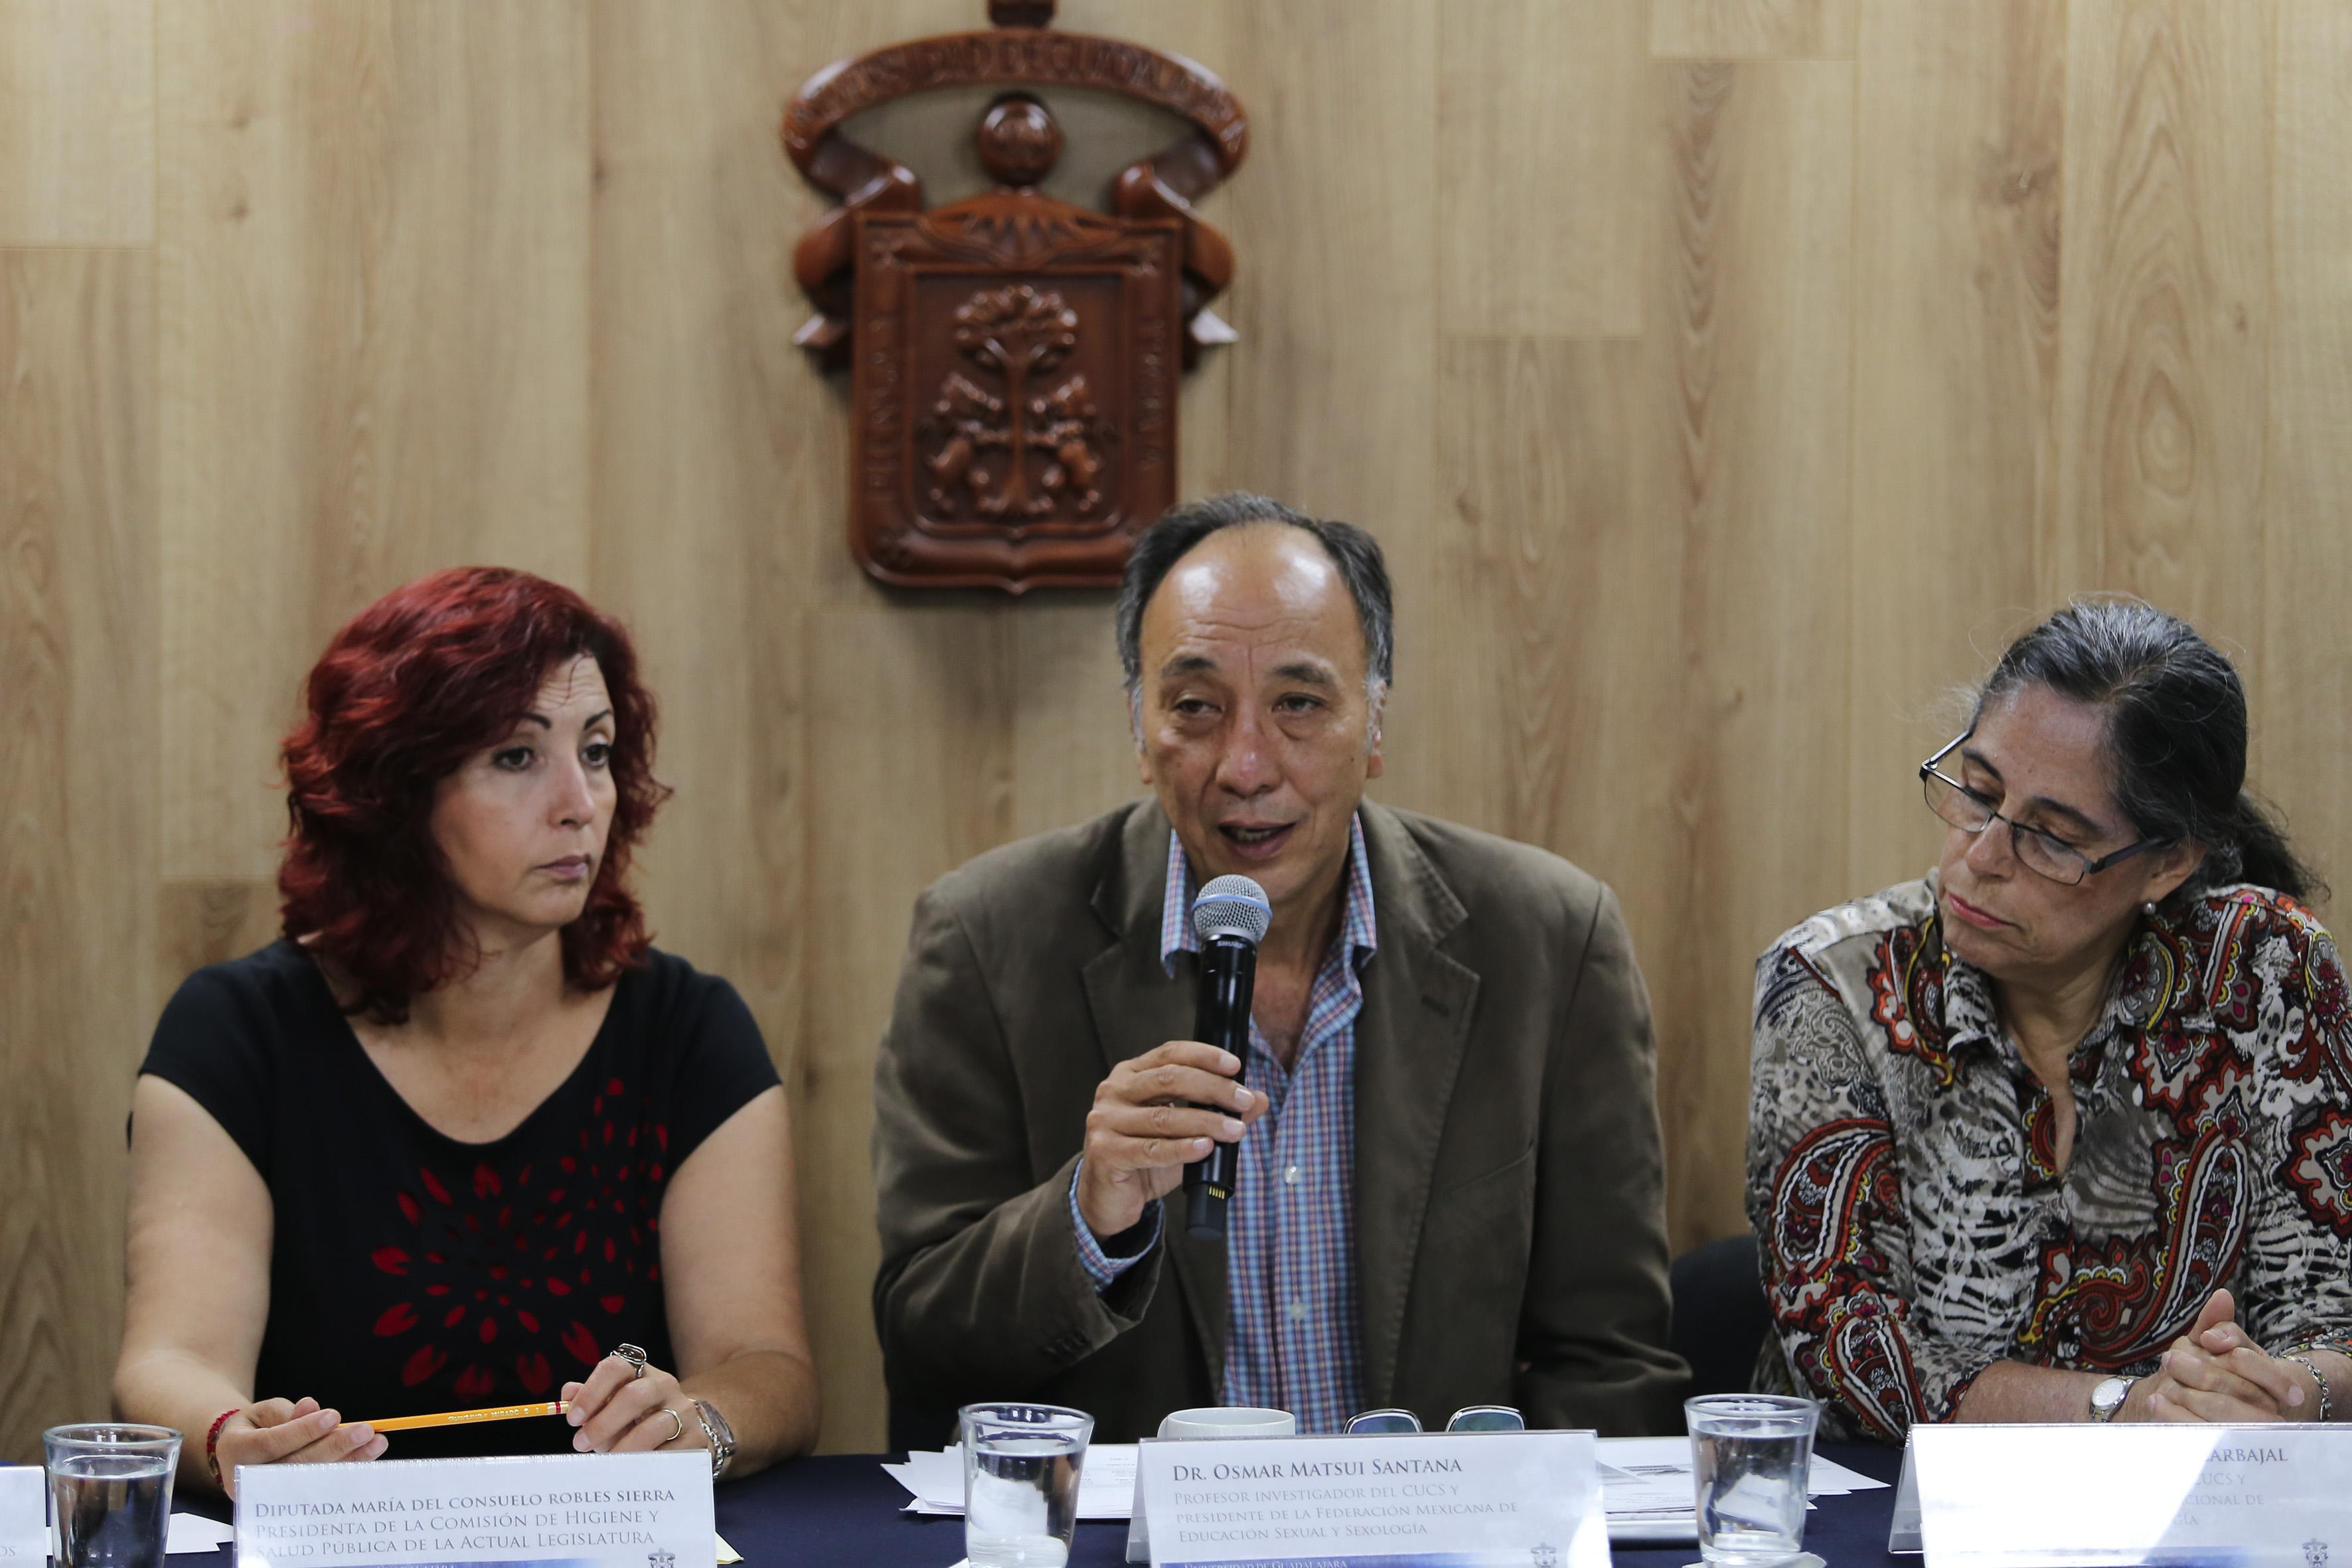 Doctor Osmar Matsui Santana, profesor investigador del Centro Universitario de Ciencias de la Salud (CUCS) y presidente de la Federación Mexicana de Educación Sexual y Sexología (FEMESS), haciendo uso de la palabra.